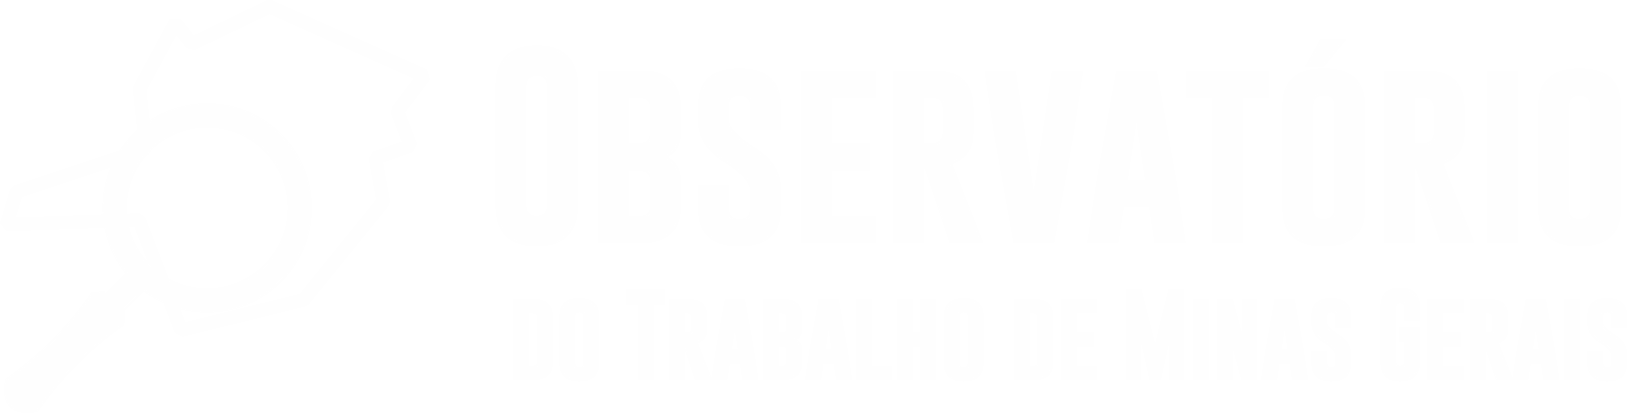 Observatório do Trabalho de Minas Gerais